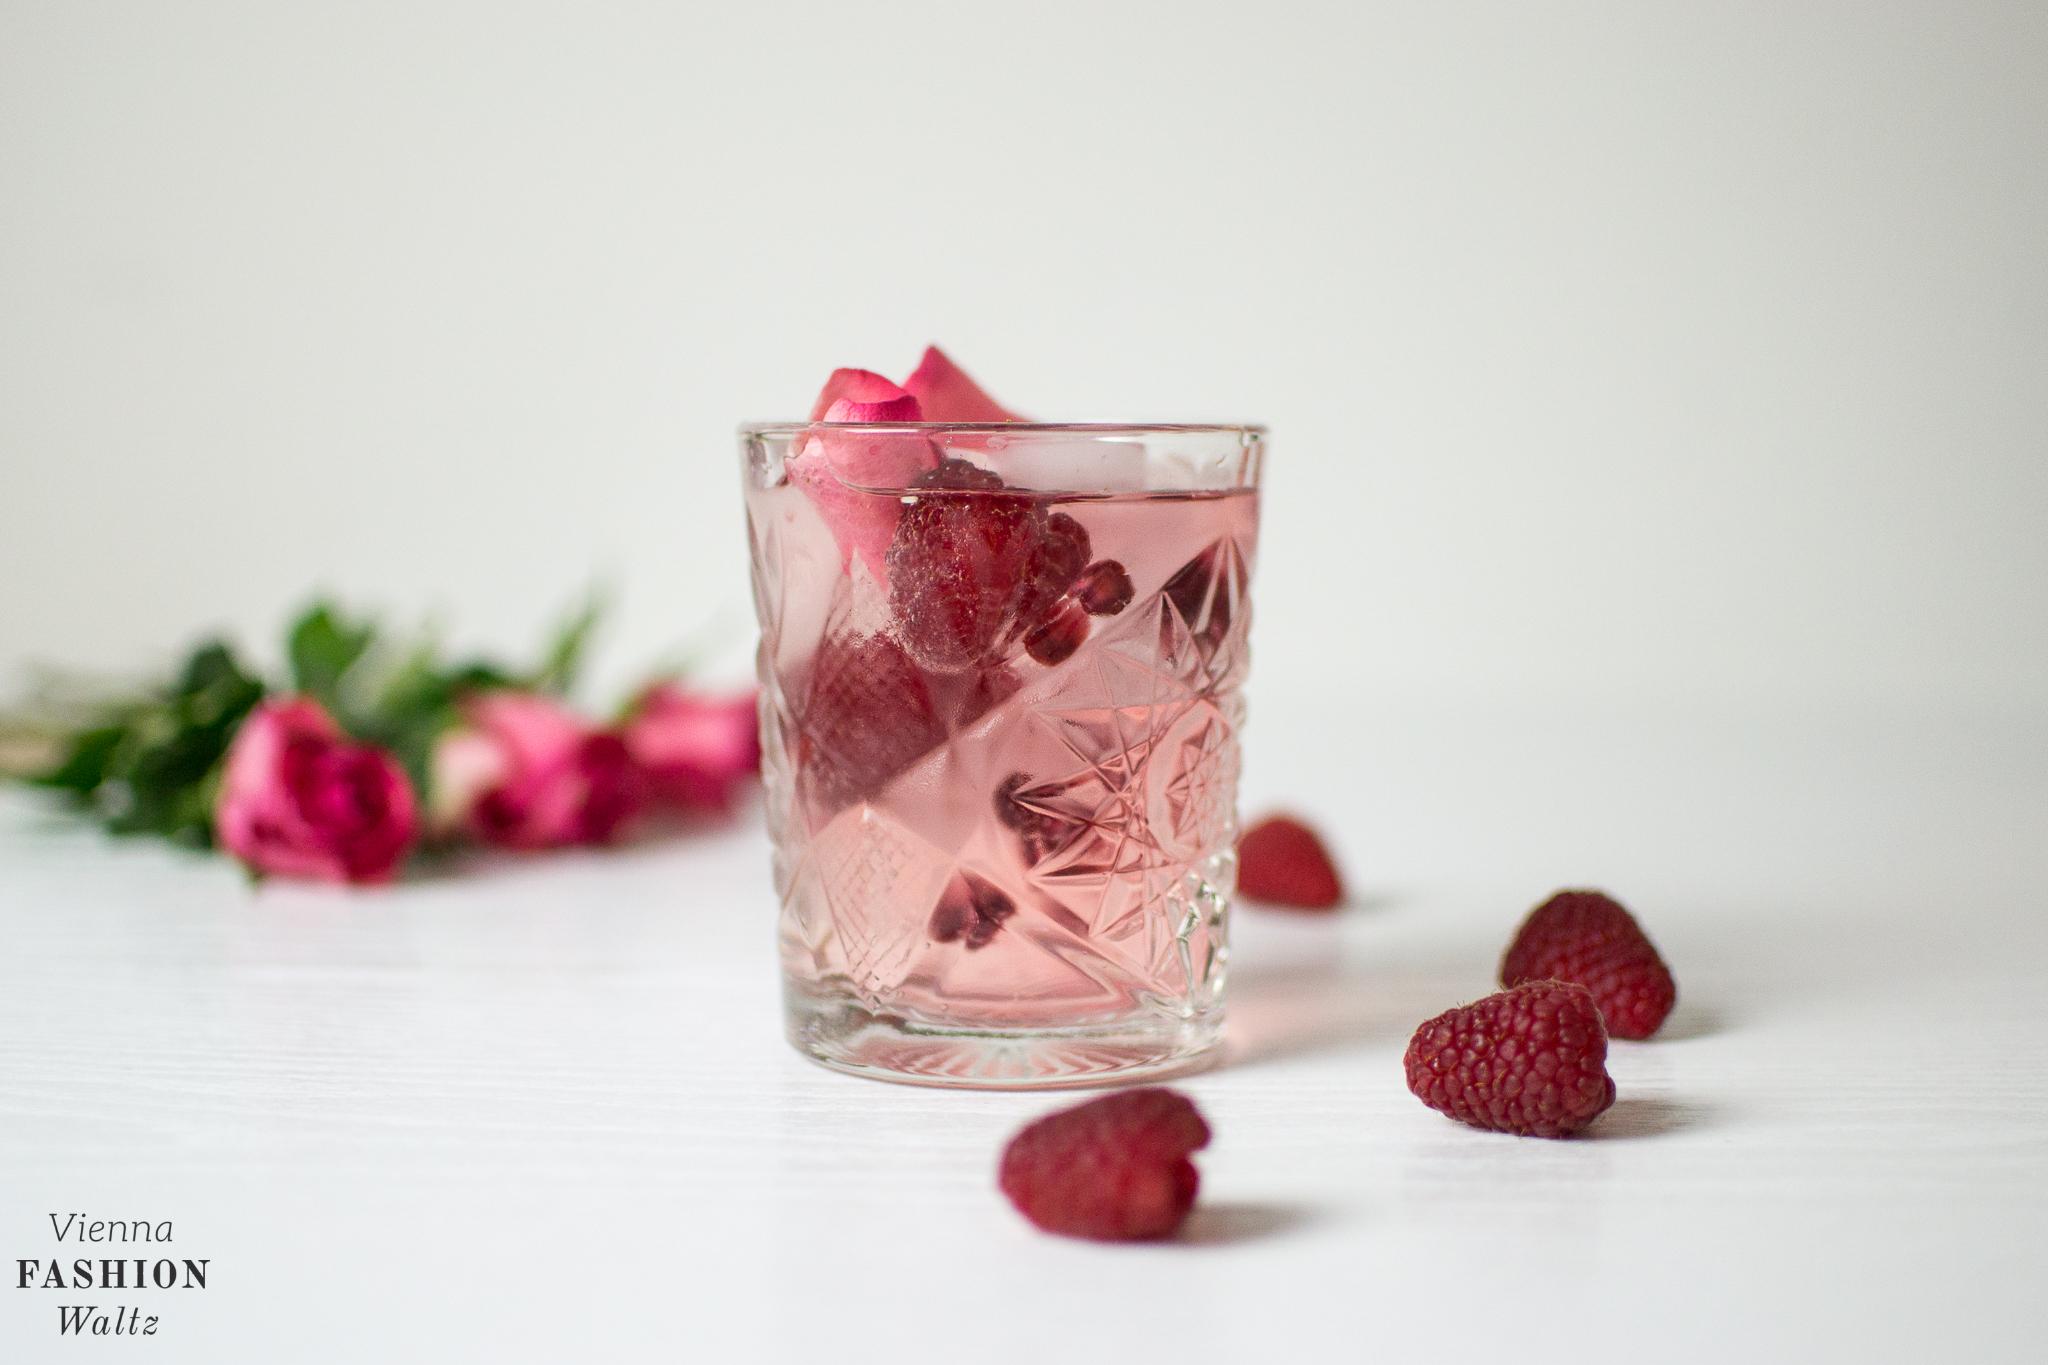 Raspberry Rose Aeijst Gin and Tonic Food Fashion Lifestyle Blog Wien Austria Österreich www.viennafashionwaltz.com Valentins Day